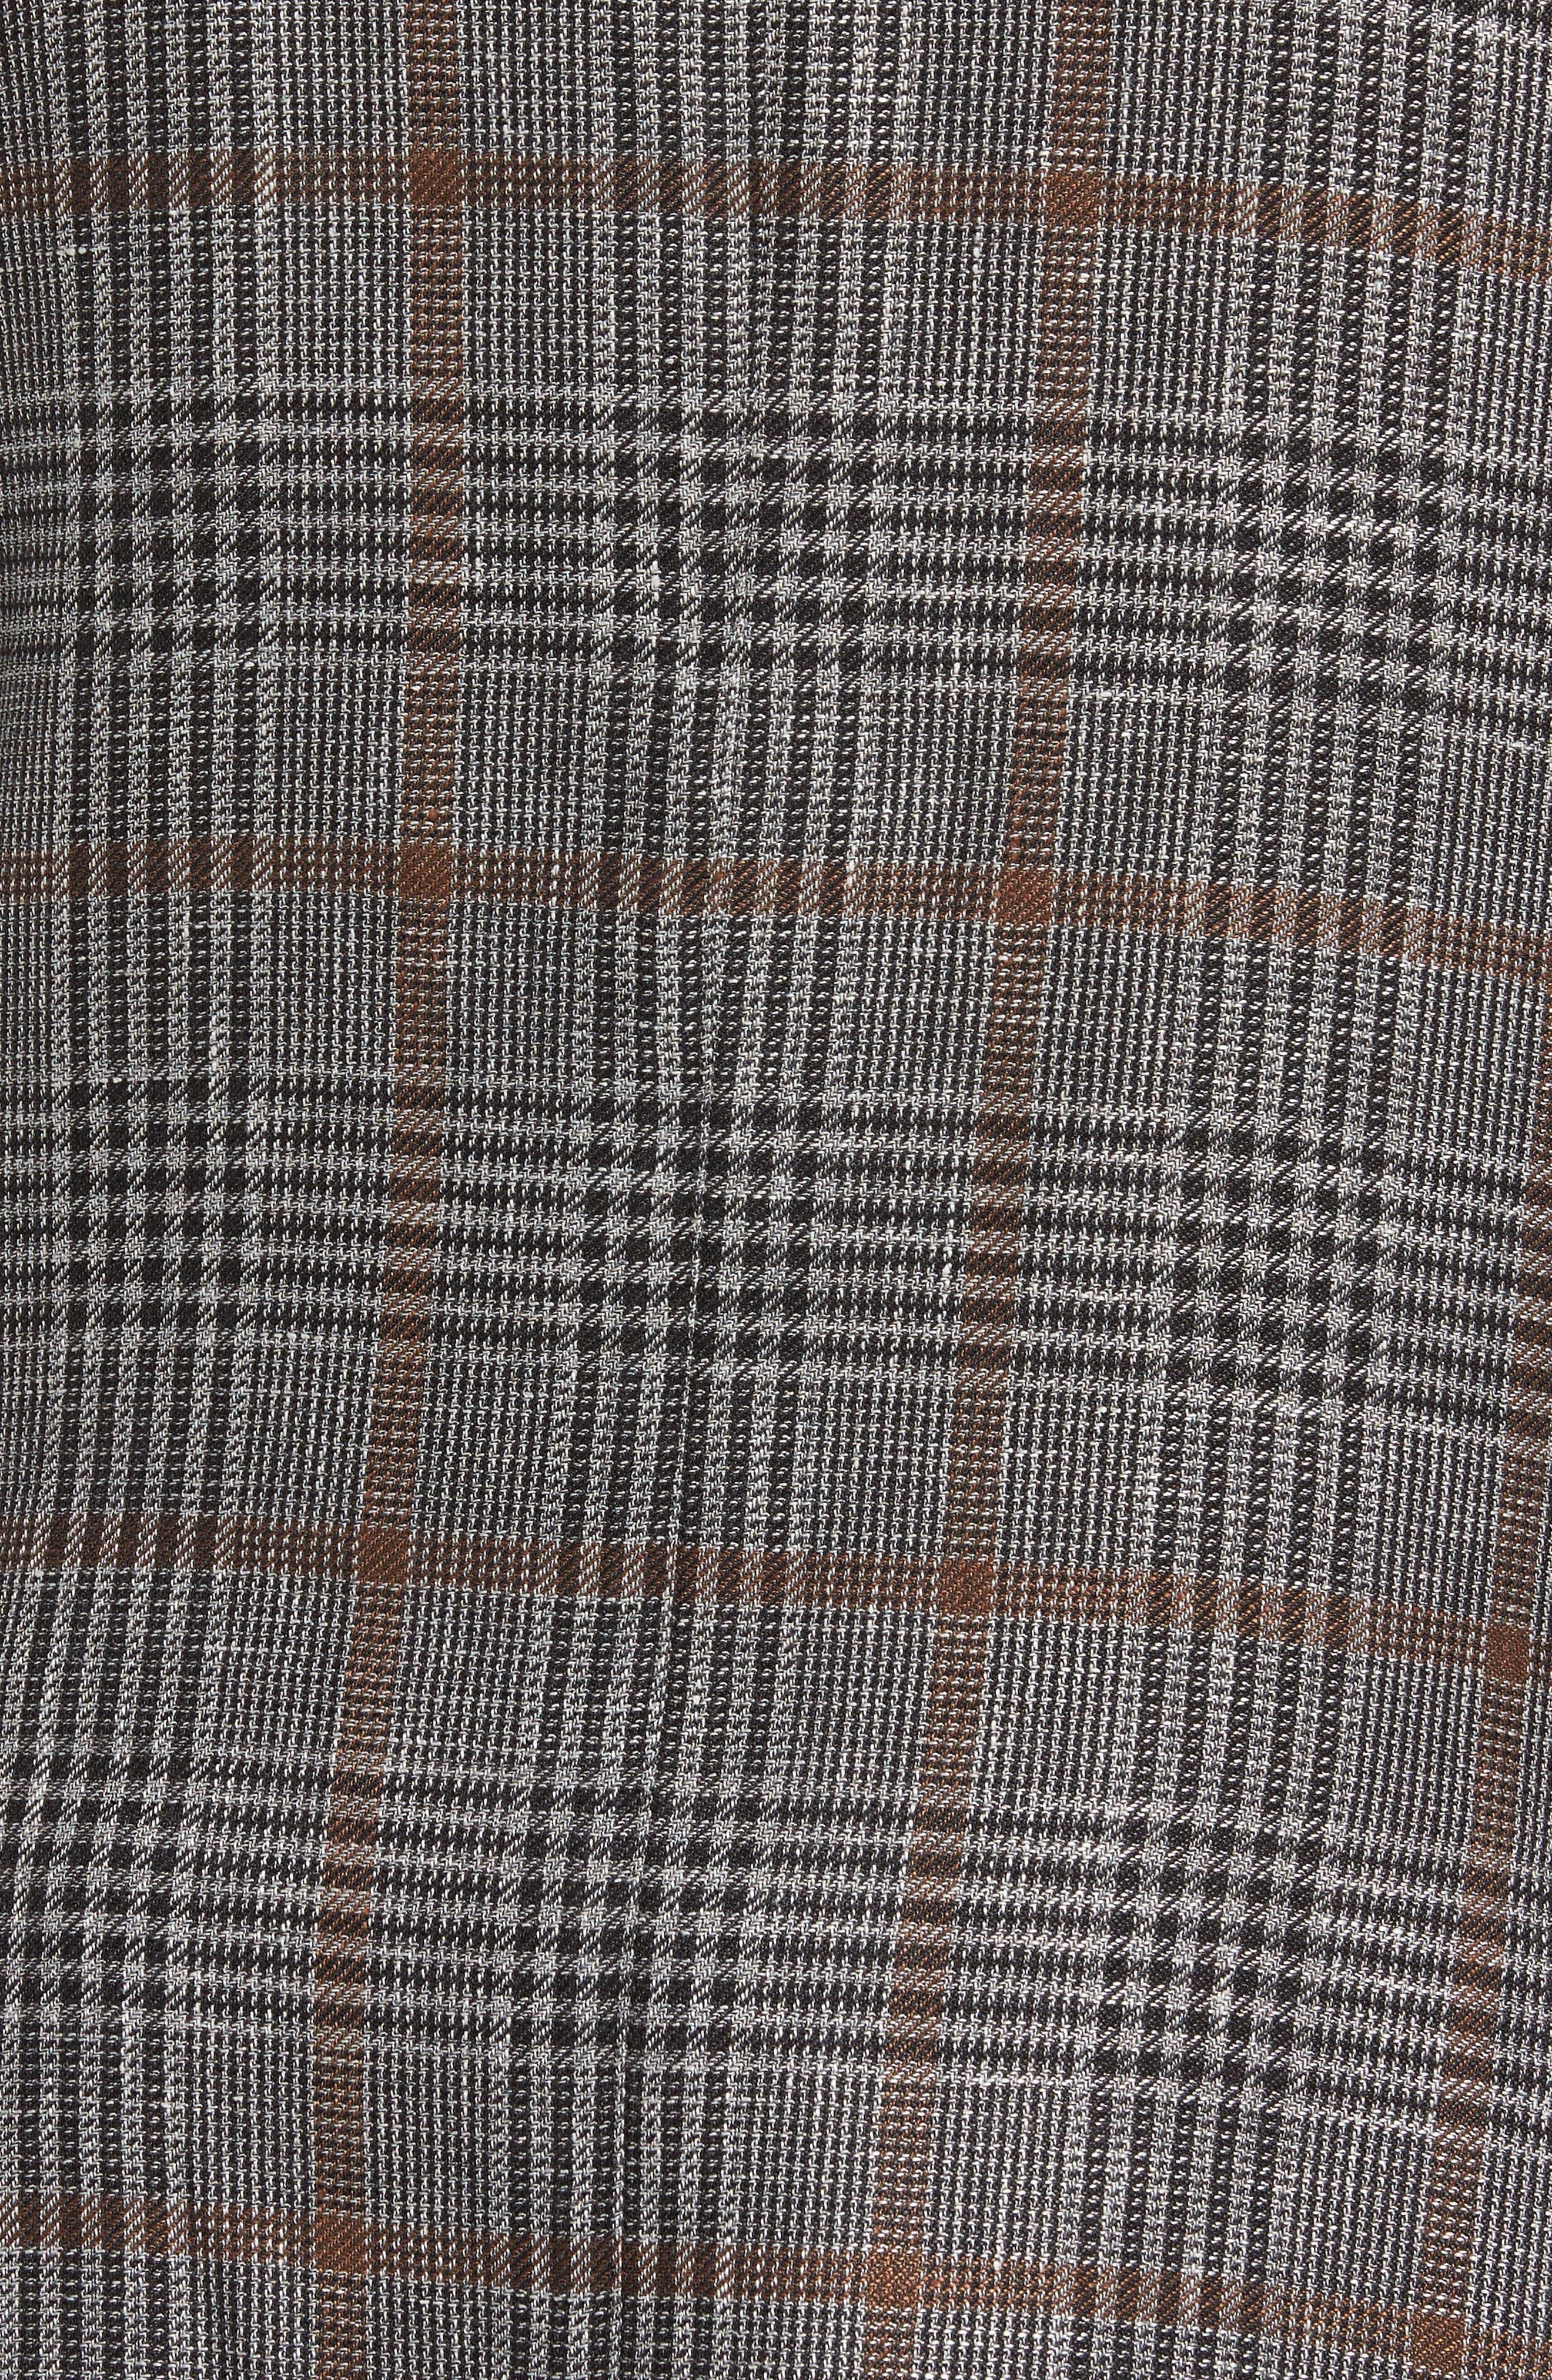 Trim Fit Plaid Linen Blend Sport Coat,                             Alternate thumbnail 6, color,                             021